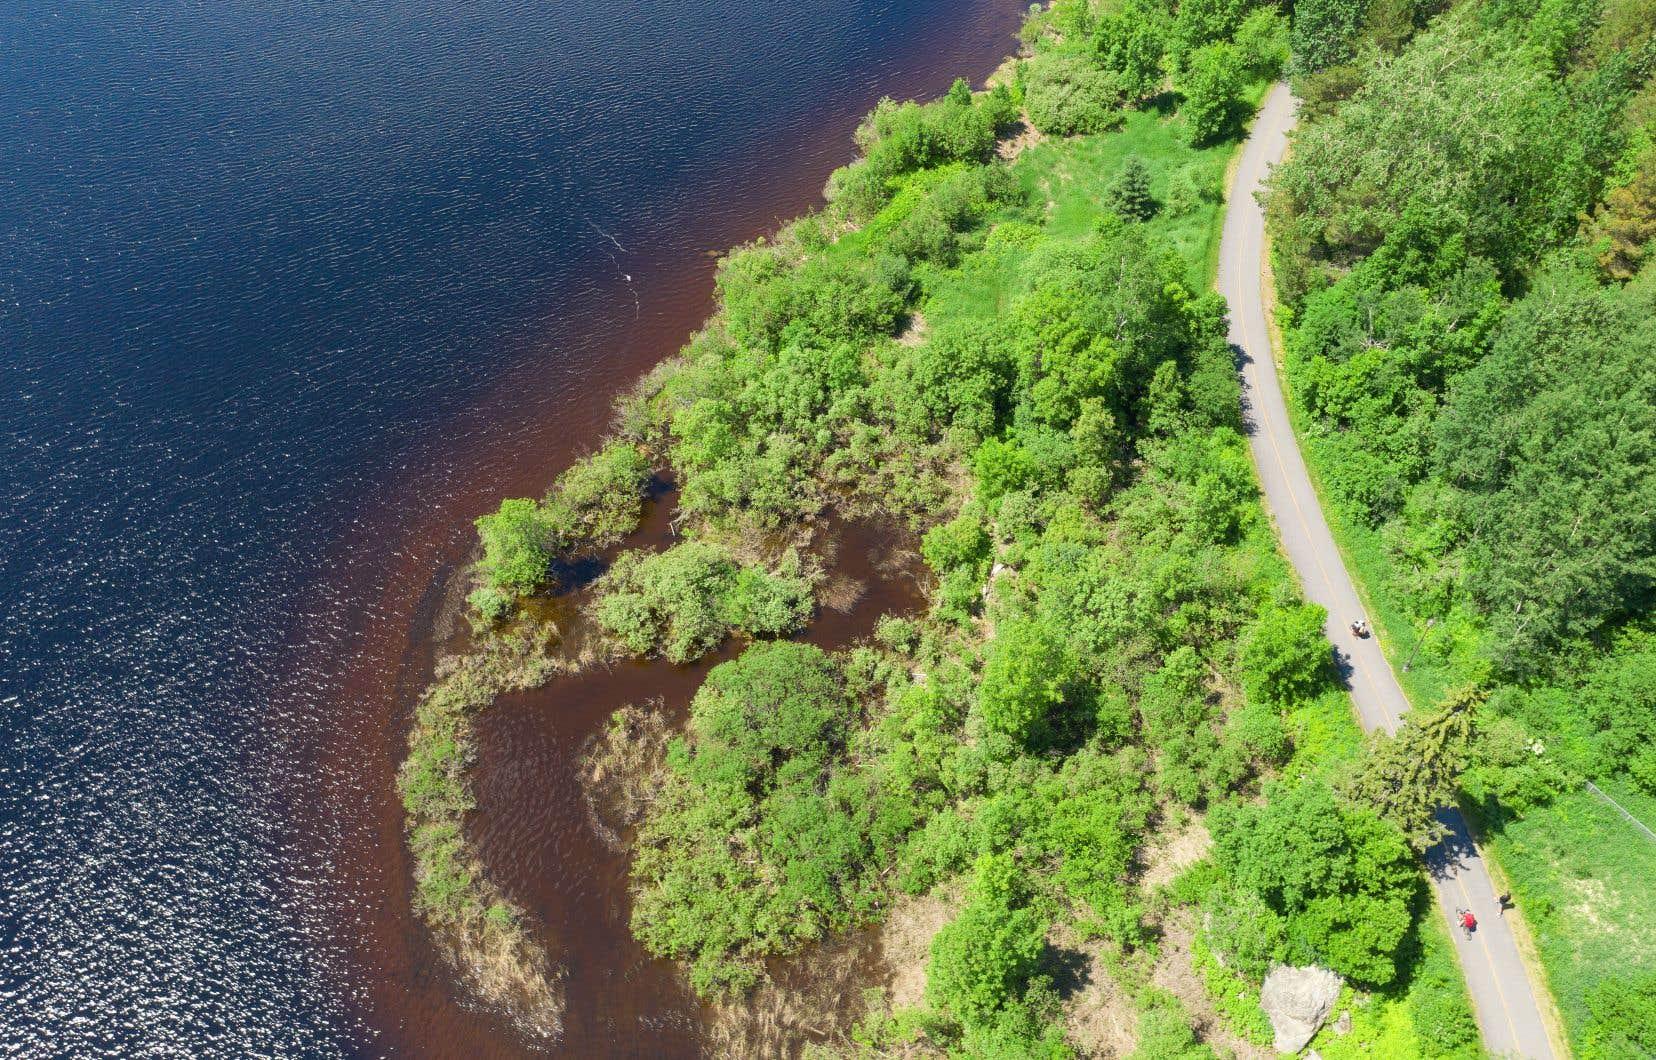 Si les différentes emprises de la Véloroute des bleuets relèvent des 16 municipalités autour du lac, celles-ci en ont cédé la coordination à un comité intermunicipal, qui en assure la gestion.